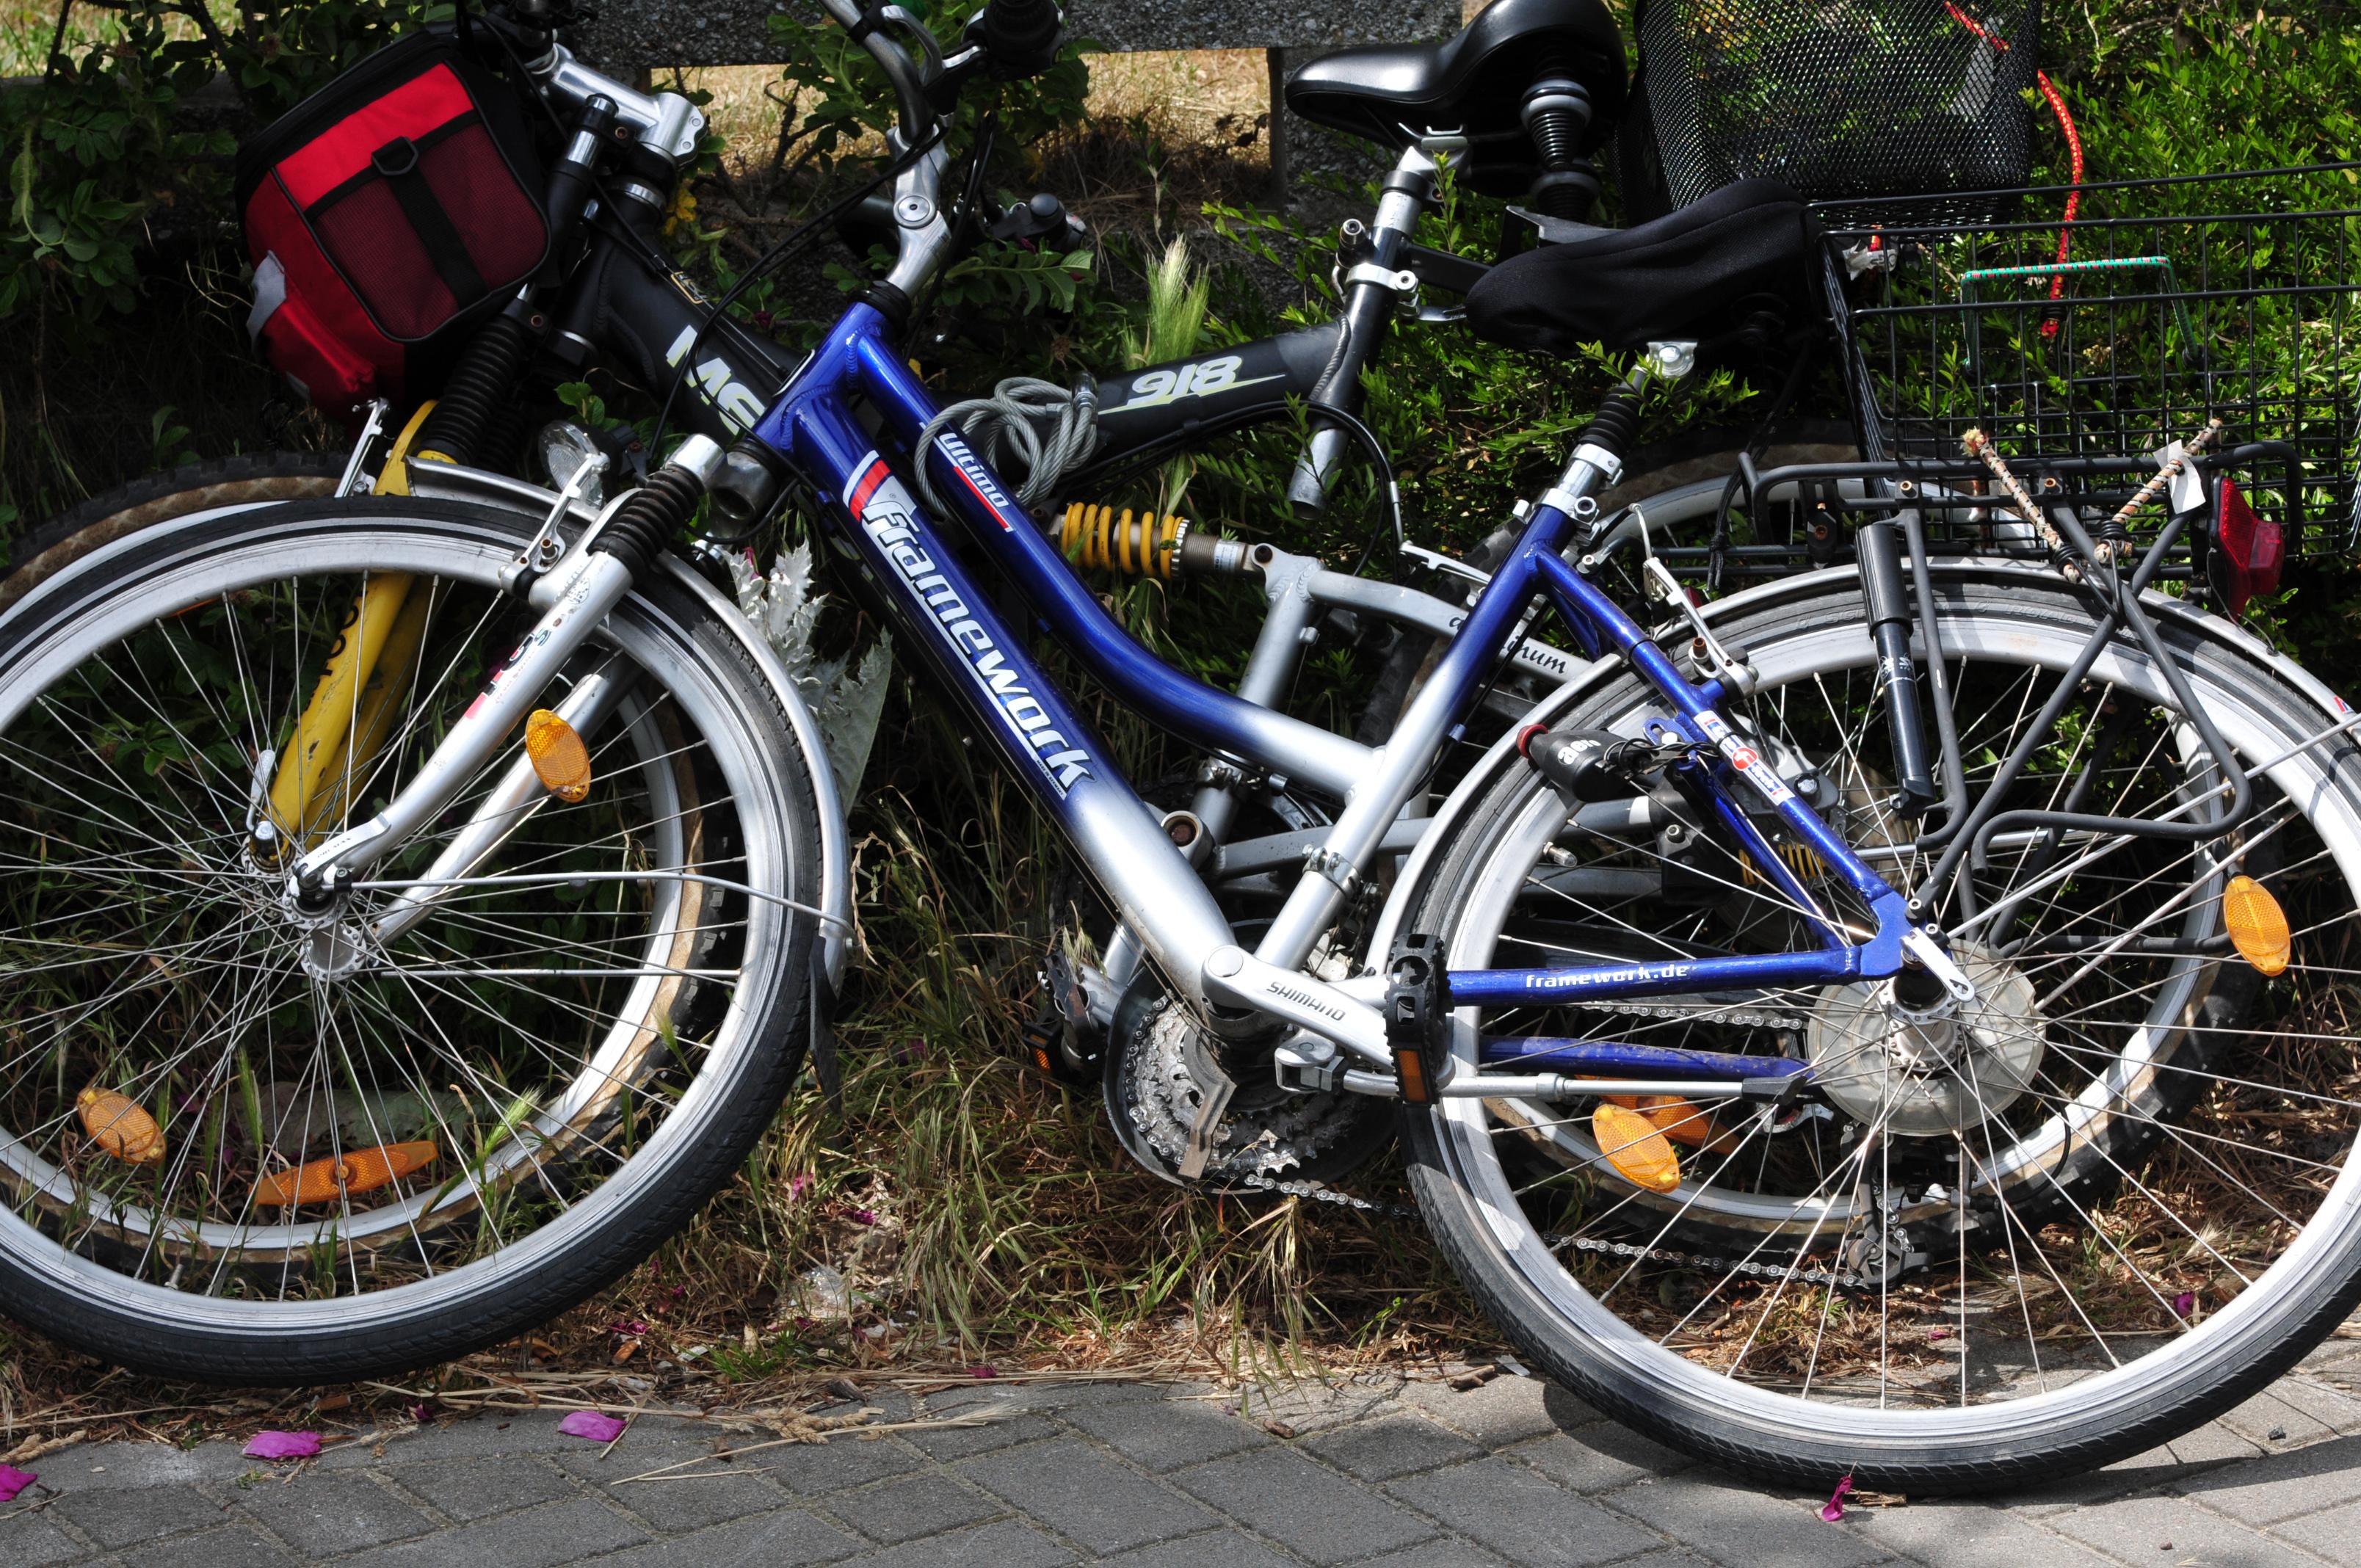 12-06-09-fahrrad-by-ralfr-08.jpg